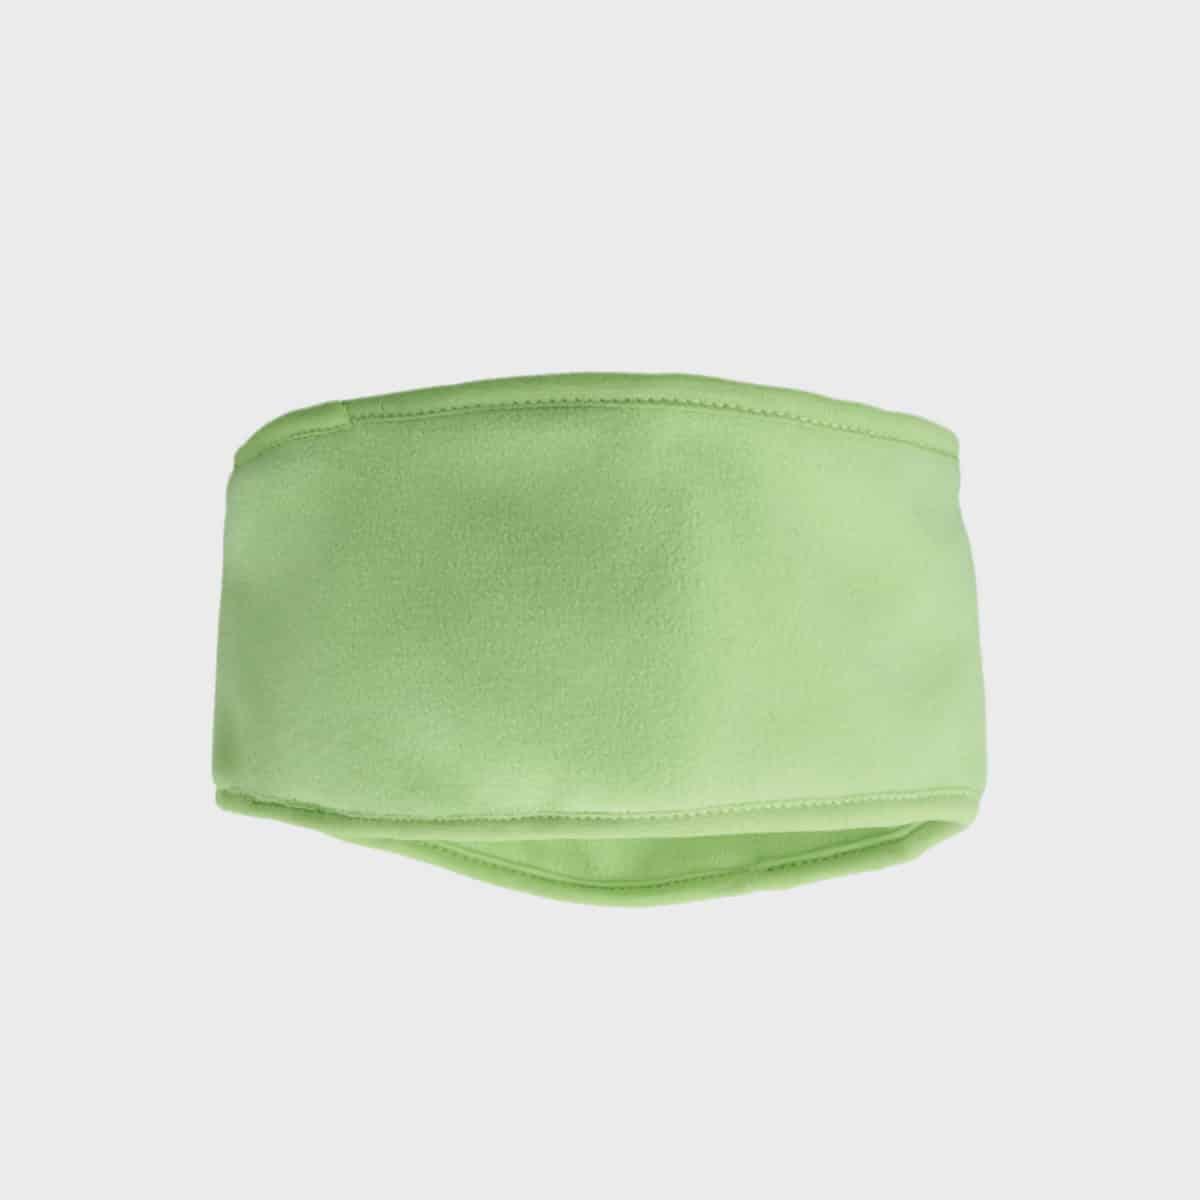 Headband-Stirnband-kaufen-besticken_StickManufaktur